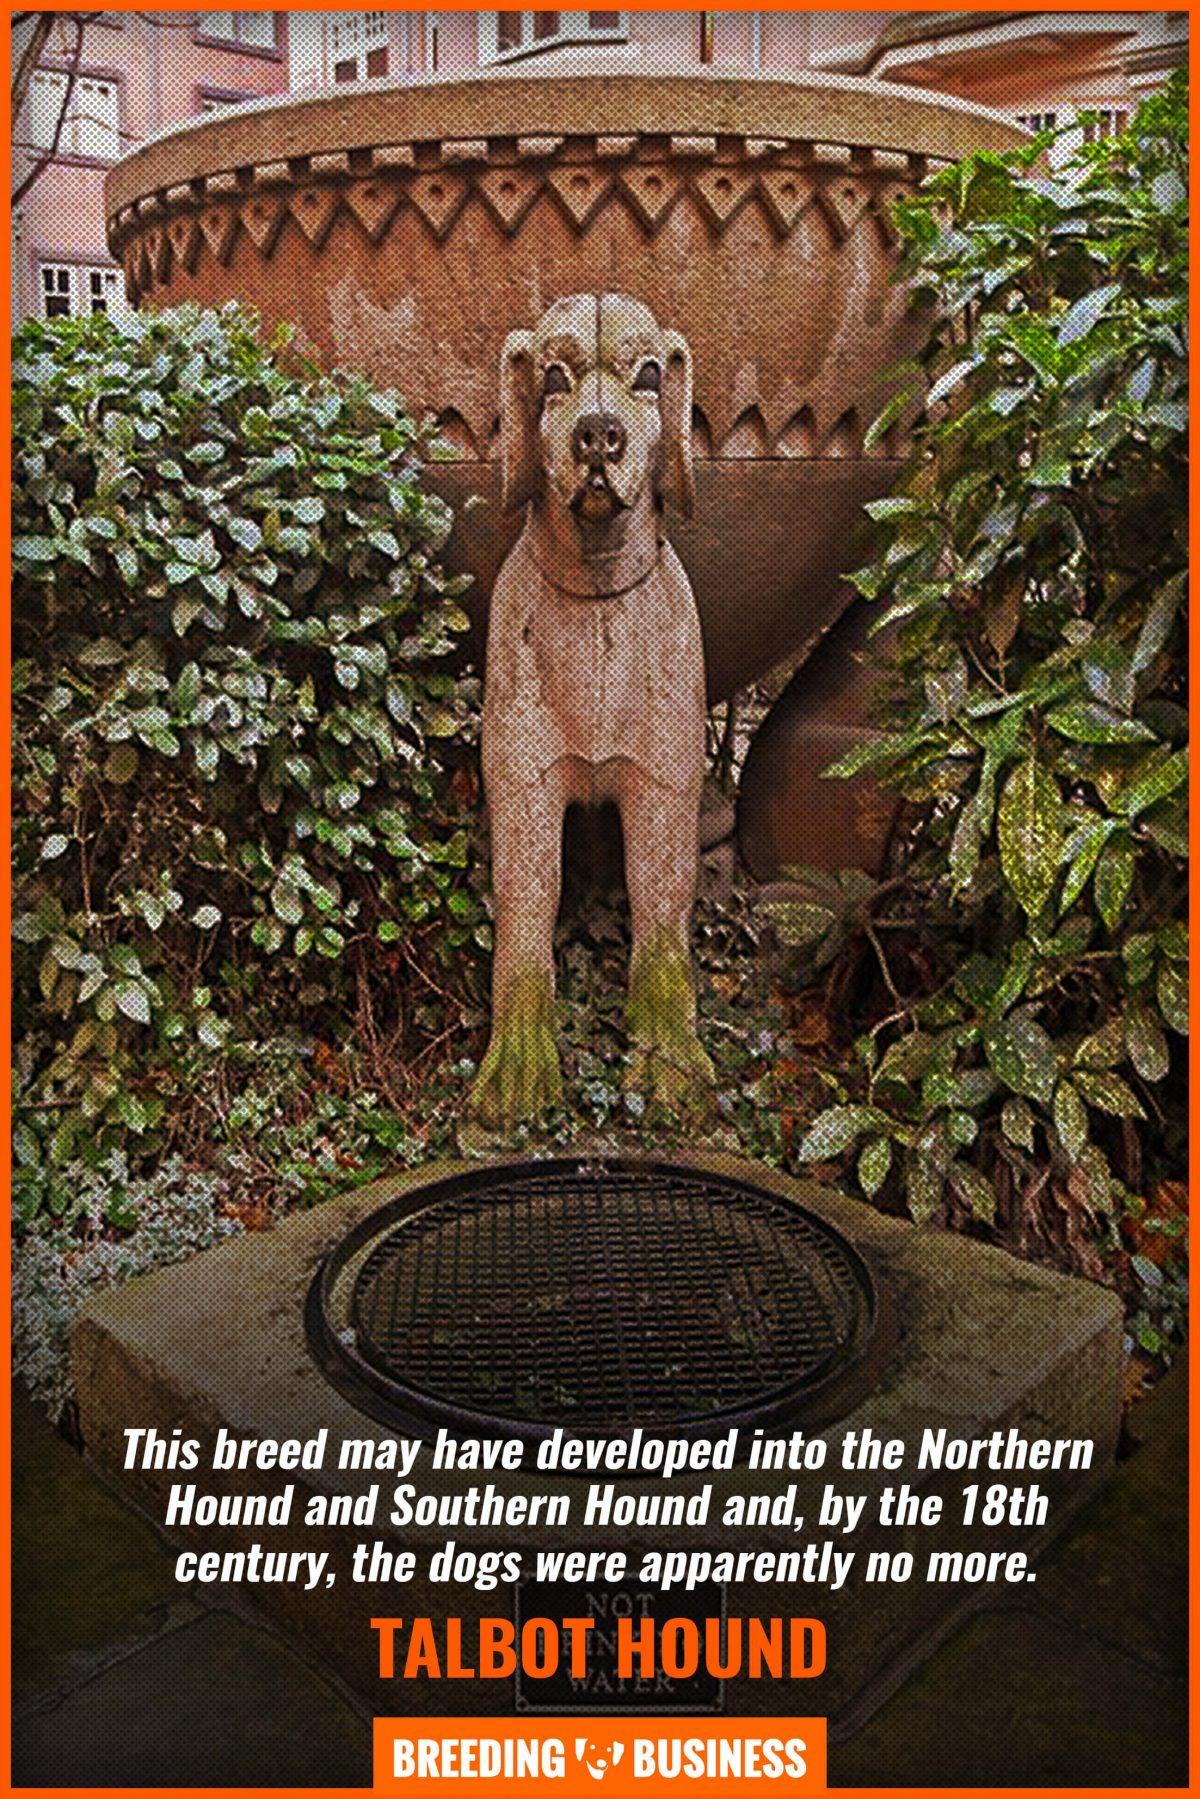 talbot hound